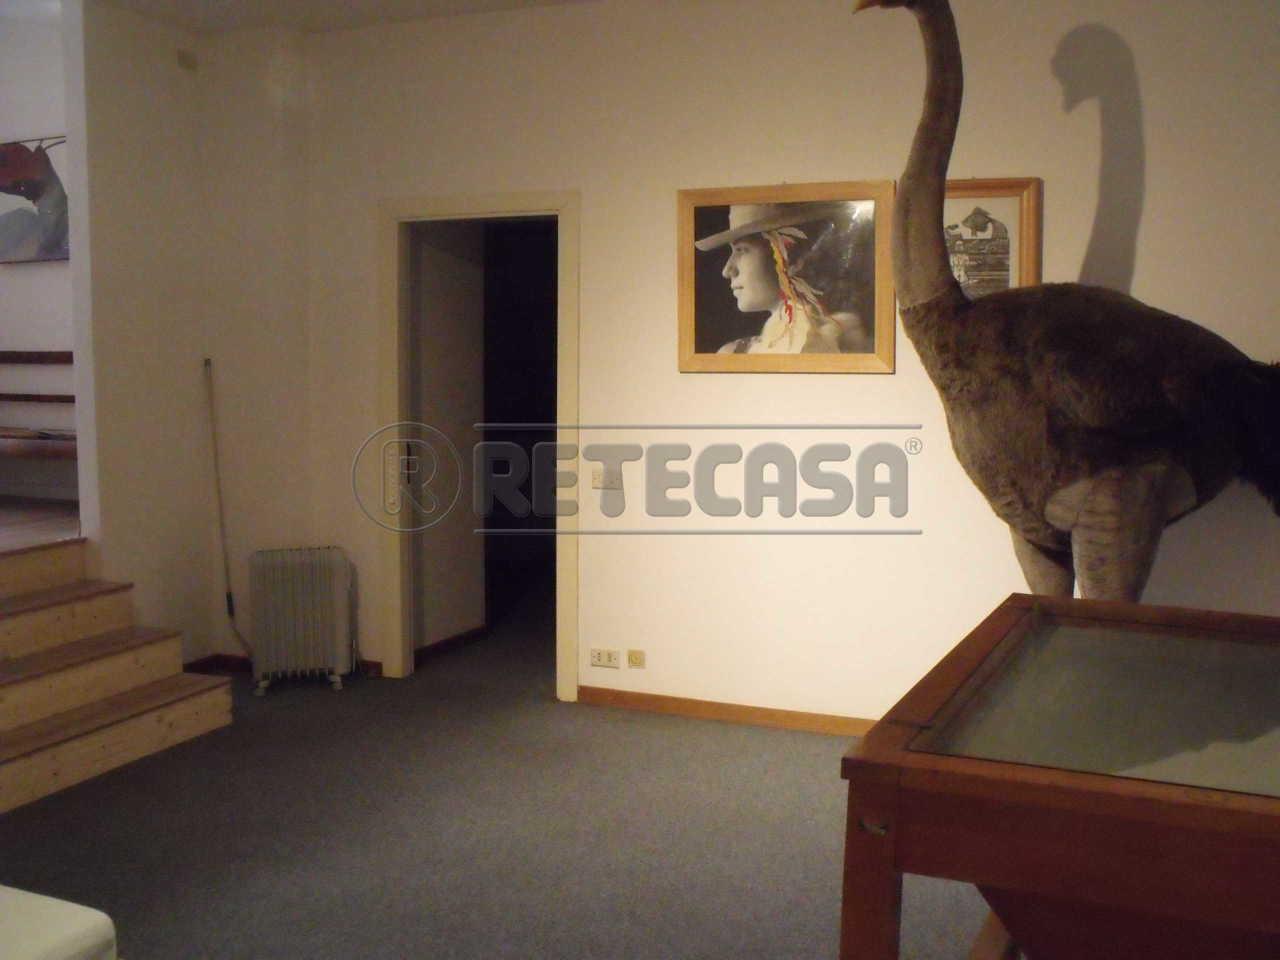 Ufficio / Studio in vendita a Ancona, 4 locali, prezzo € 250.000 | Cambio Casa.it